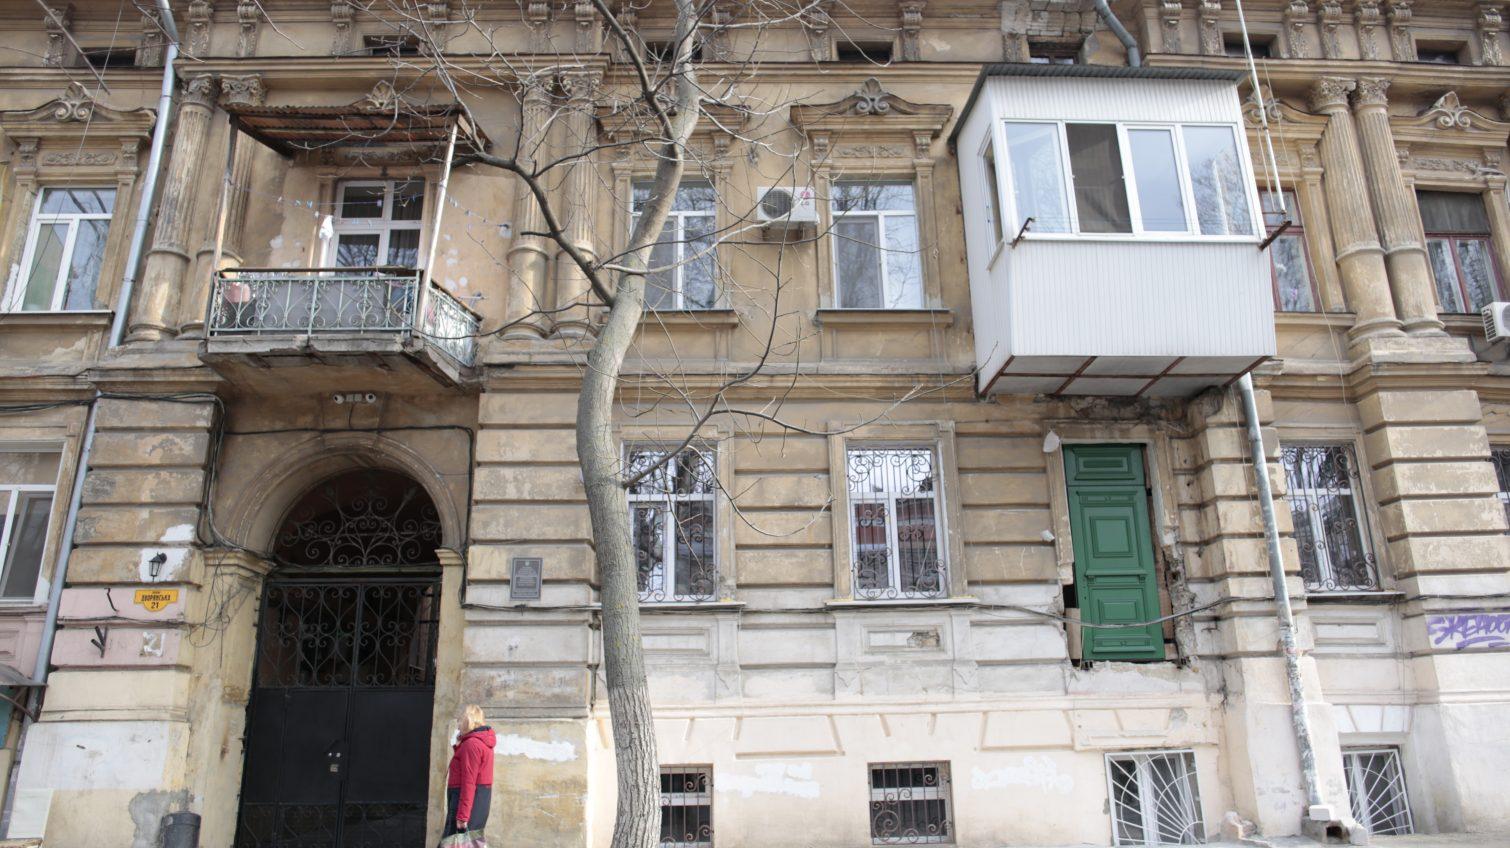 Было окно, стала дверь: в центре Одессы обезобразили историческое здание (фото) «фото»